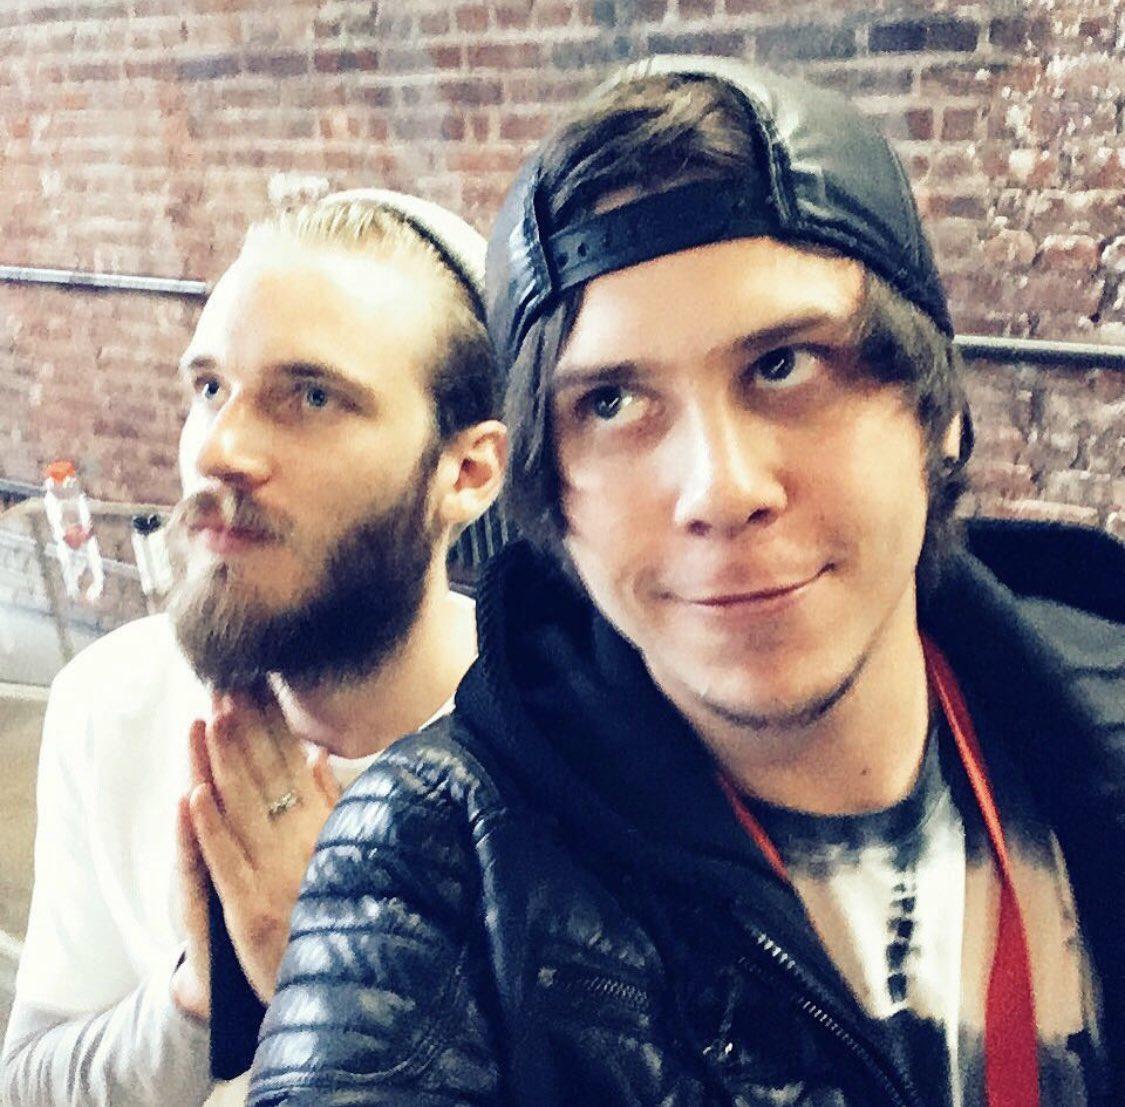 ✔️❌PREGUNTA 13  ✔️VERDADERO  Rubius conoció a PewDiePie en el evento secreto de youtube en Nueva York